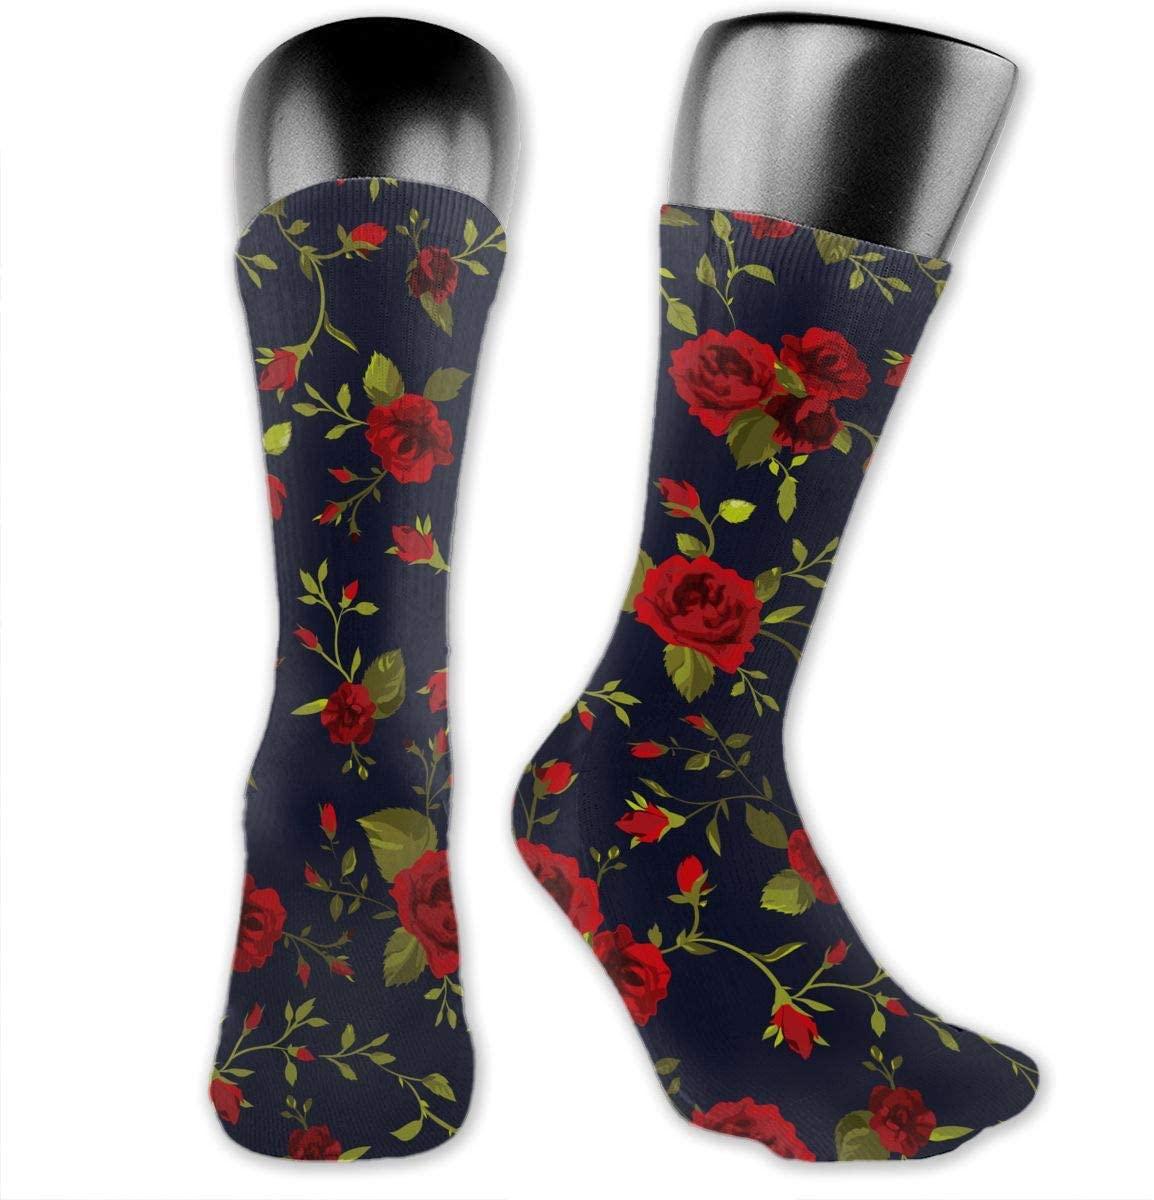 Rose Leaves Unisex Outdoor Long Socks Sport Athletic Crew Socks Stockings